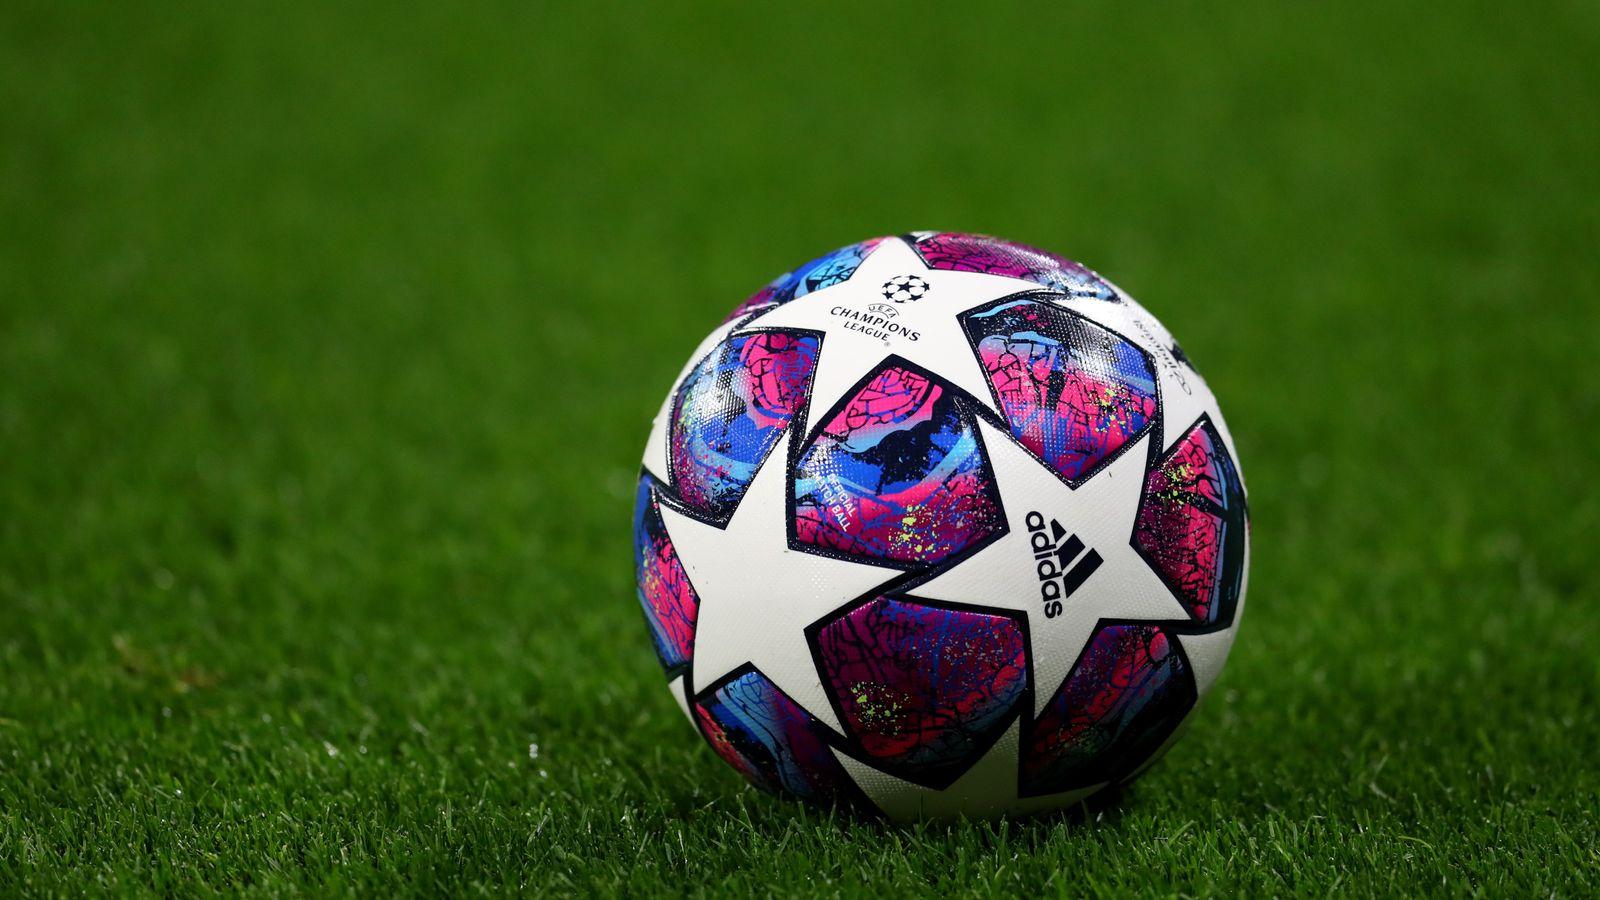 La UEFA habla con las federaciones europeas: ¿qué hay en la agenda? El | Noticias de futbol 33